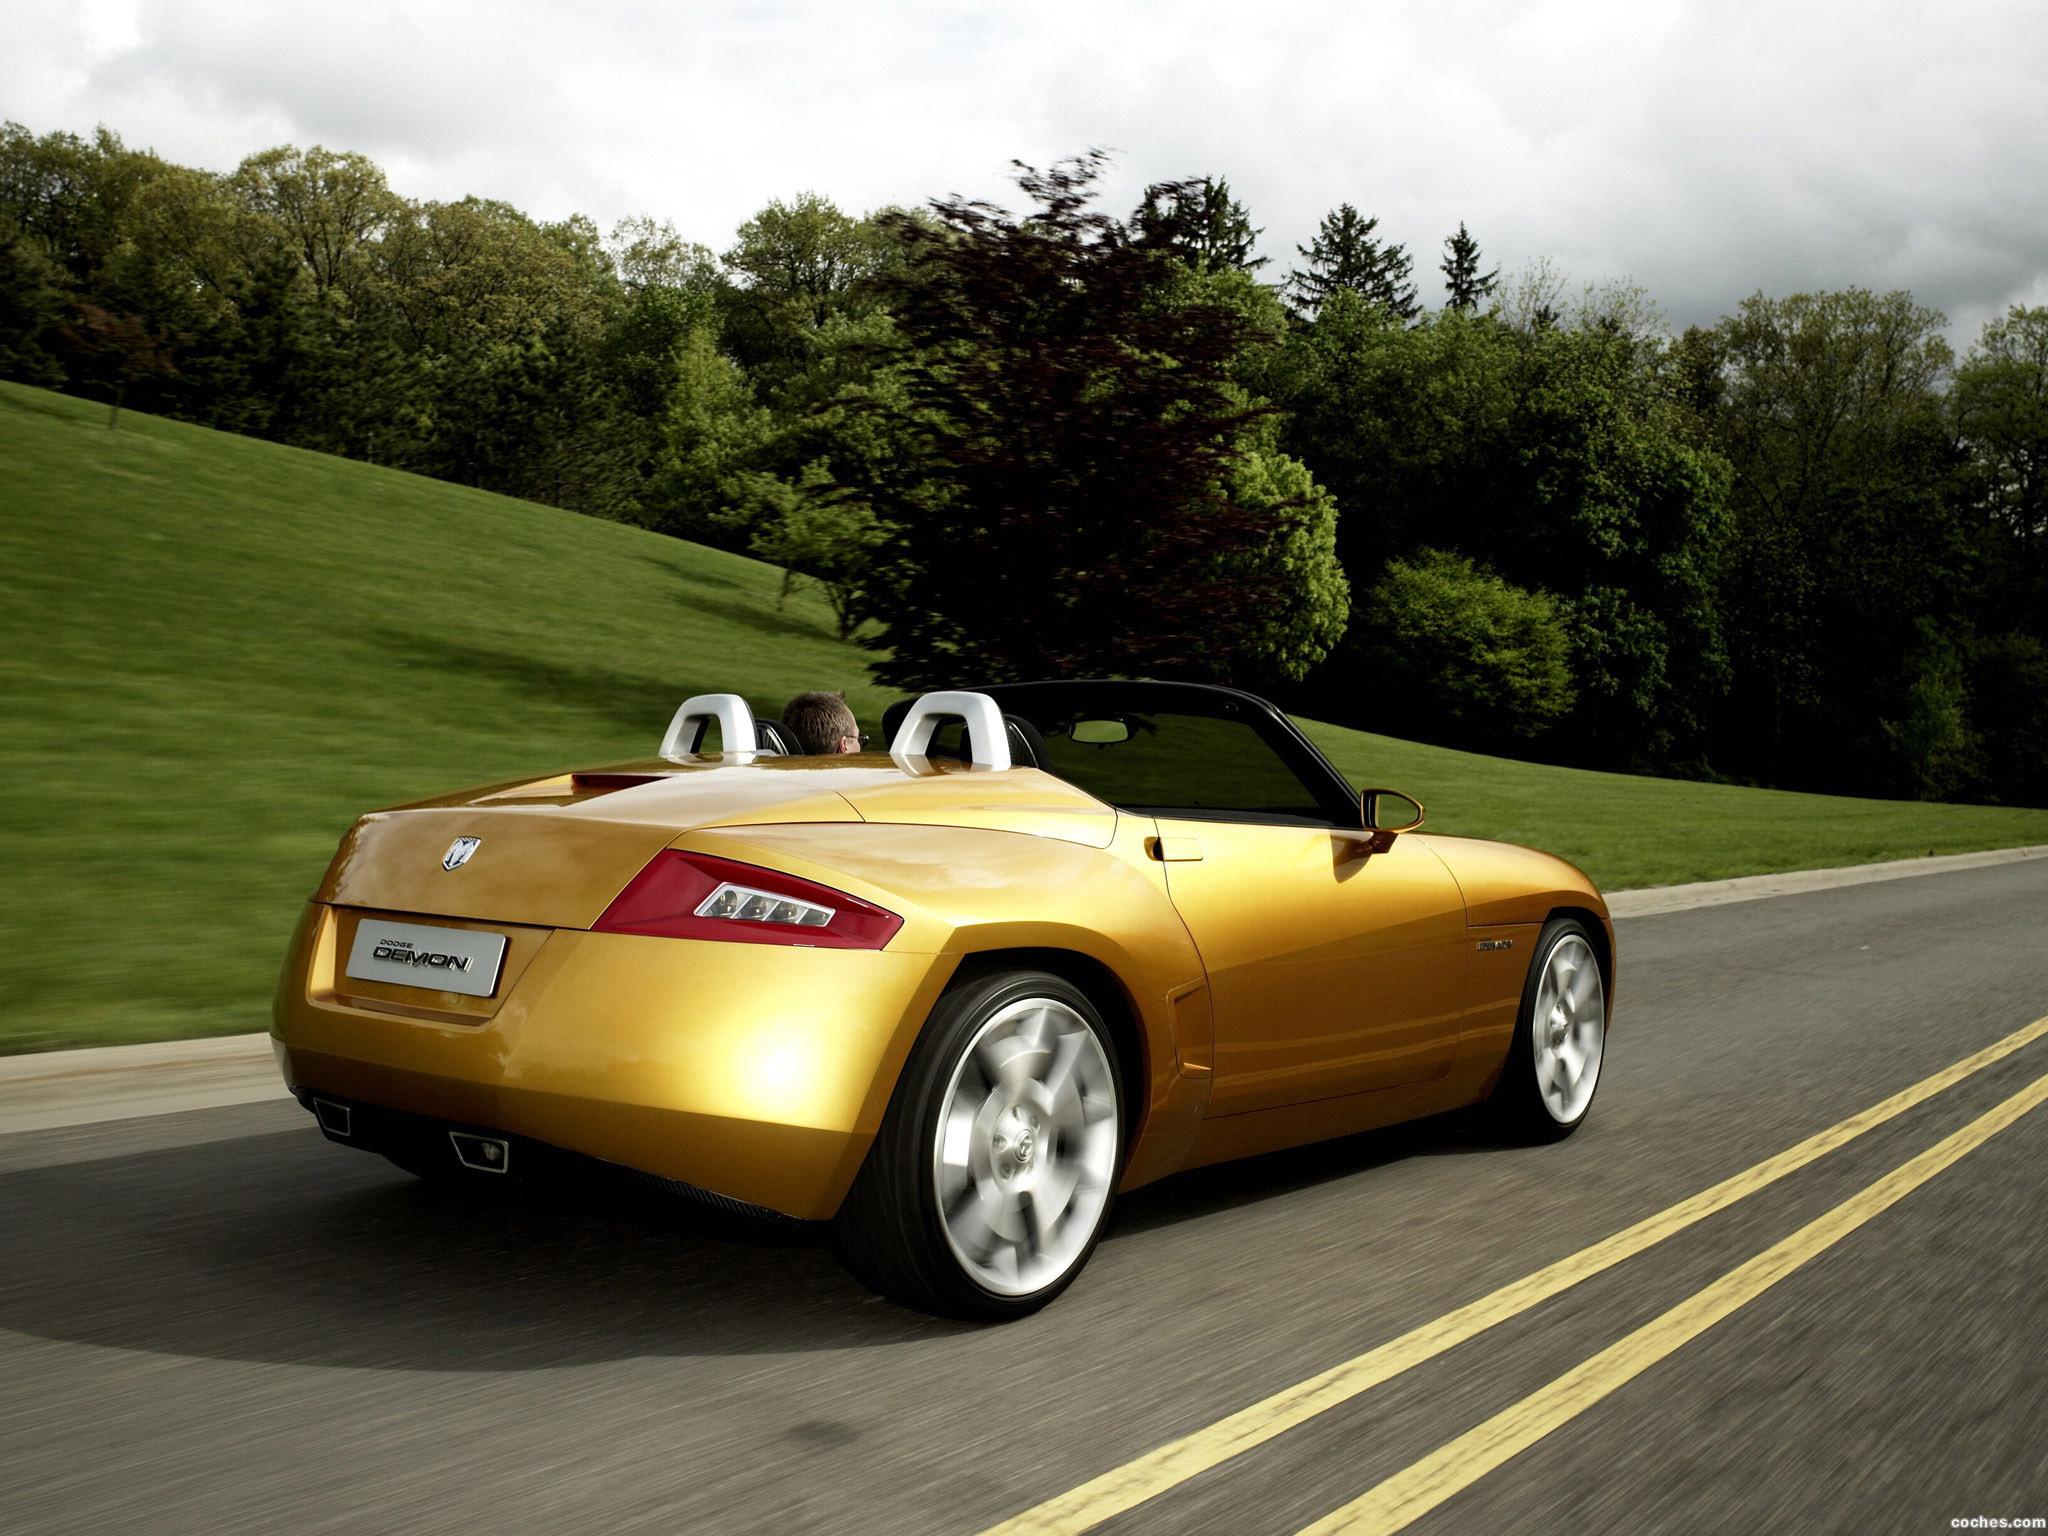 Foto 2 de Dodge Demon Roadster Concept 2007